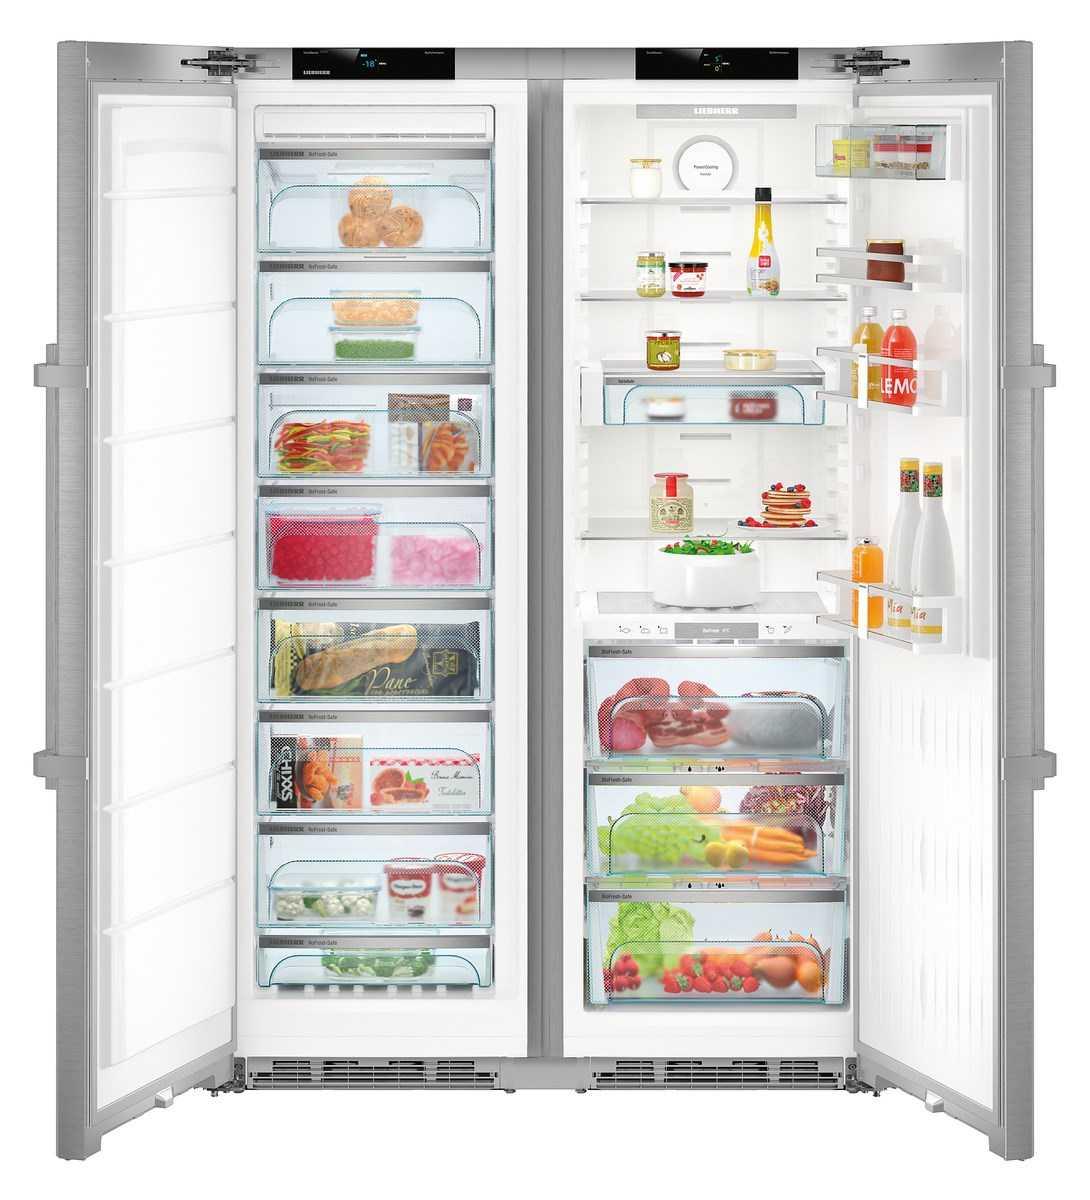 Бытовой холодильник SBSes 8663 Premium BioFresh NoFrost